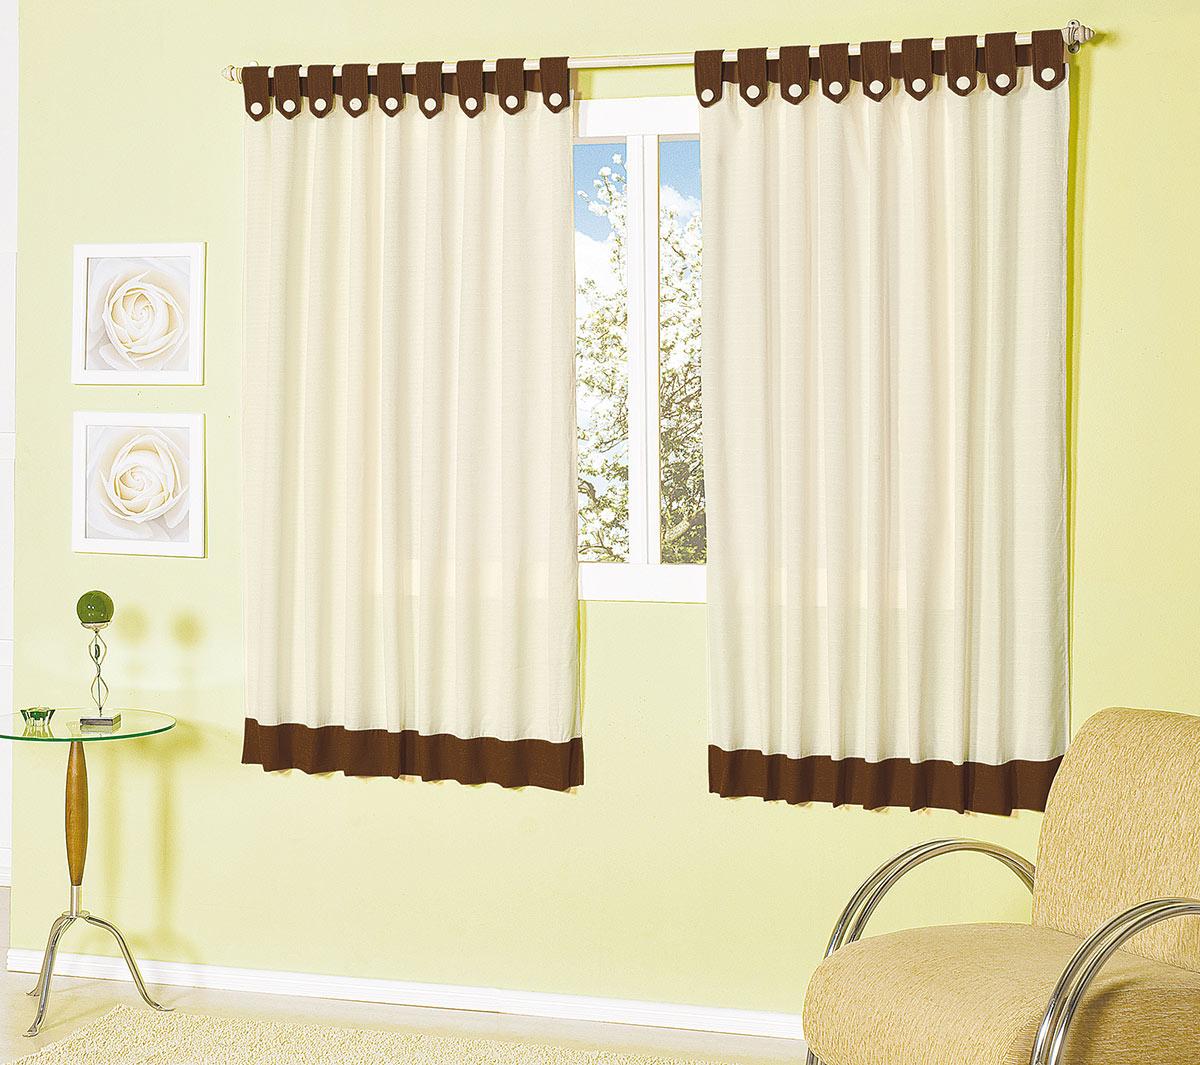 Cortina sala e quarto palha e marrom tecido capri para for Cortinas de plastico para exteriores